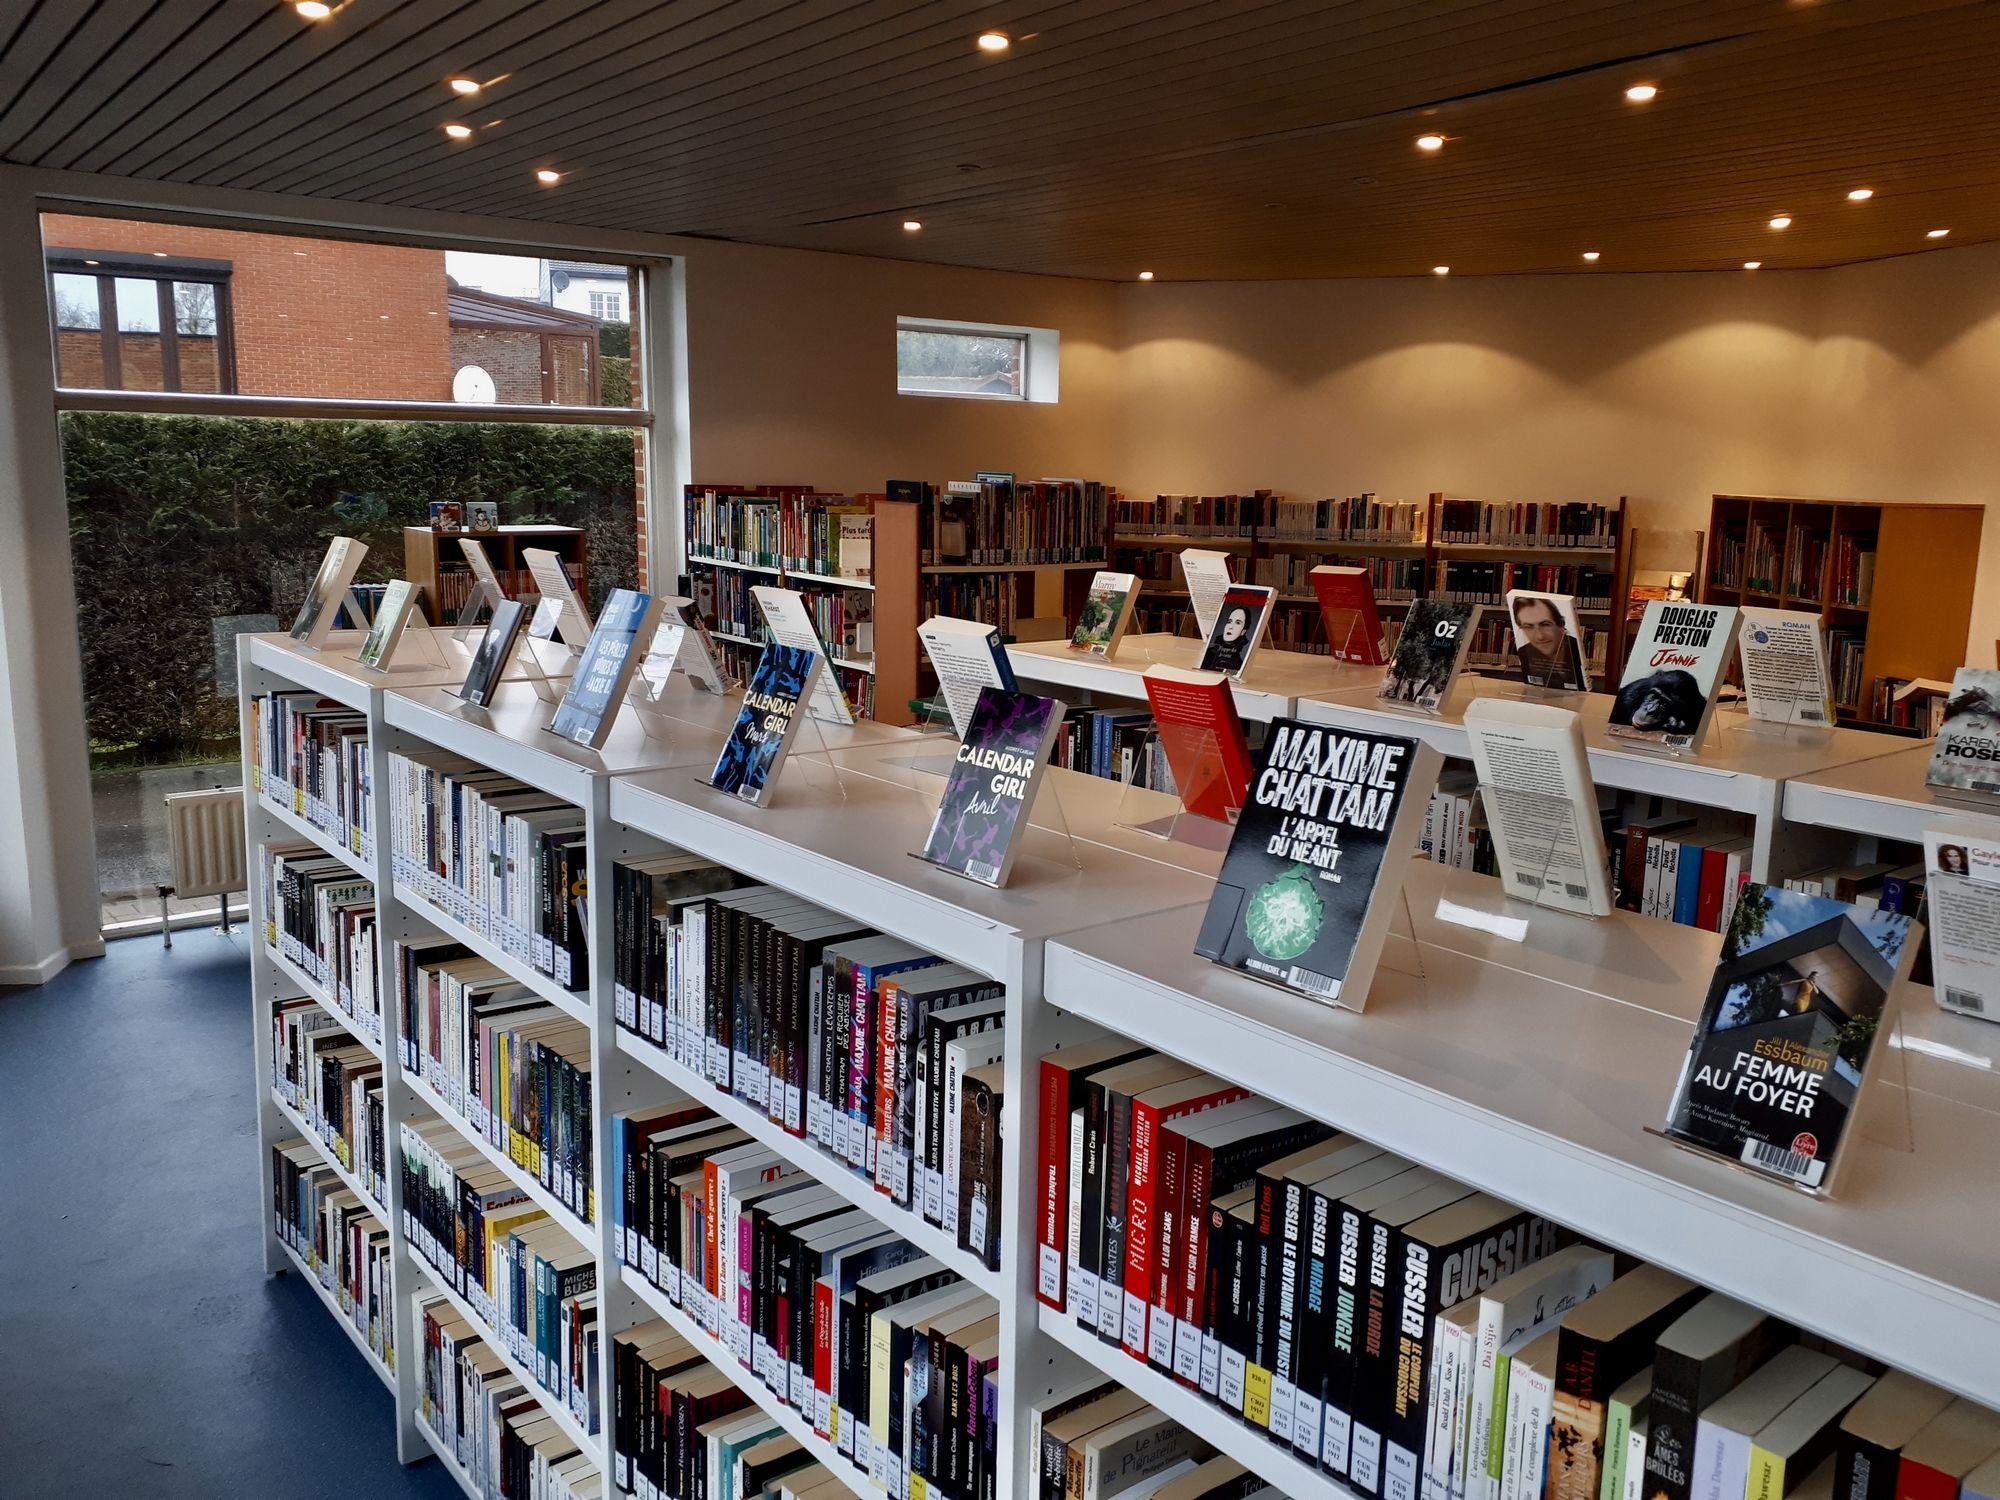 Rayonnages de la bibliothèque de Goutroux